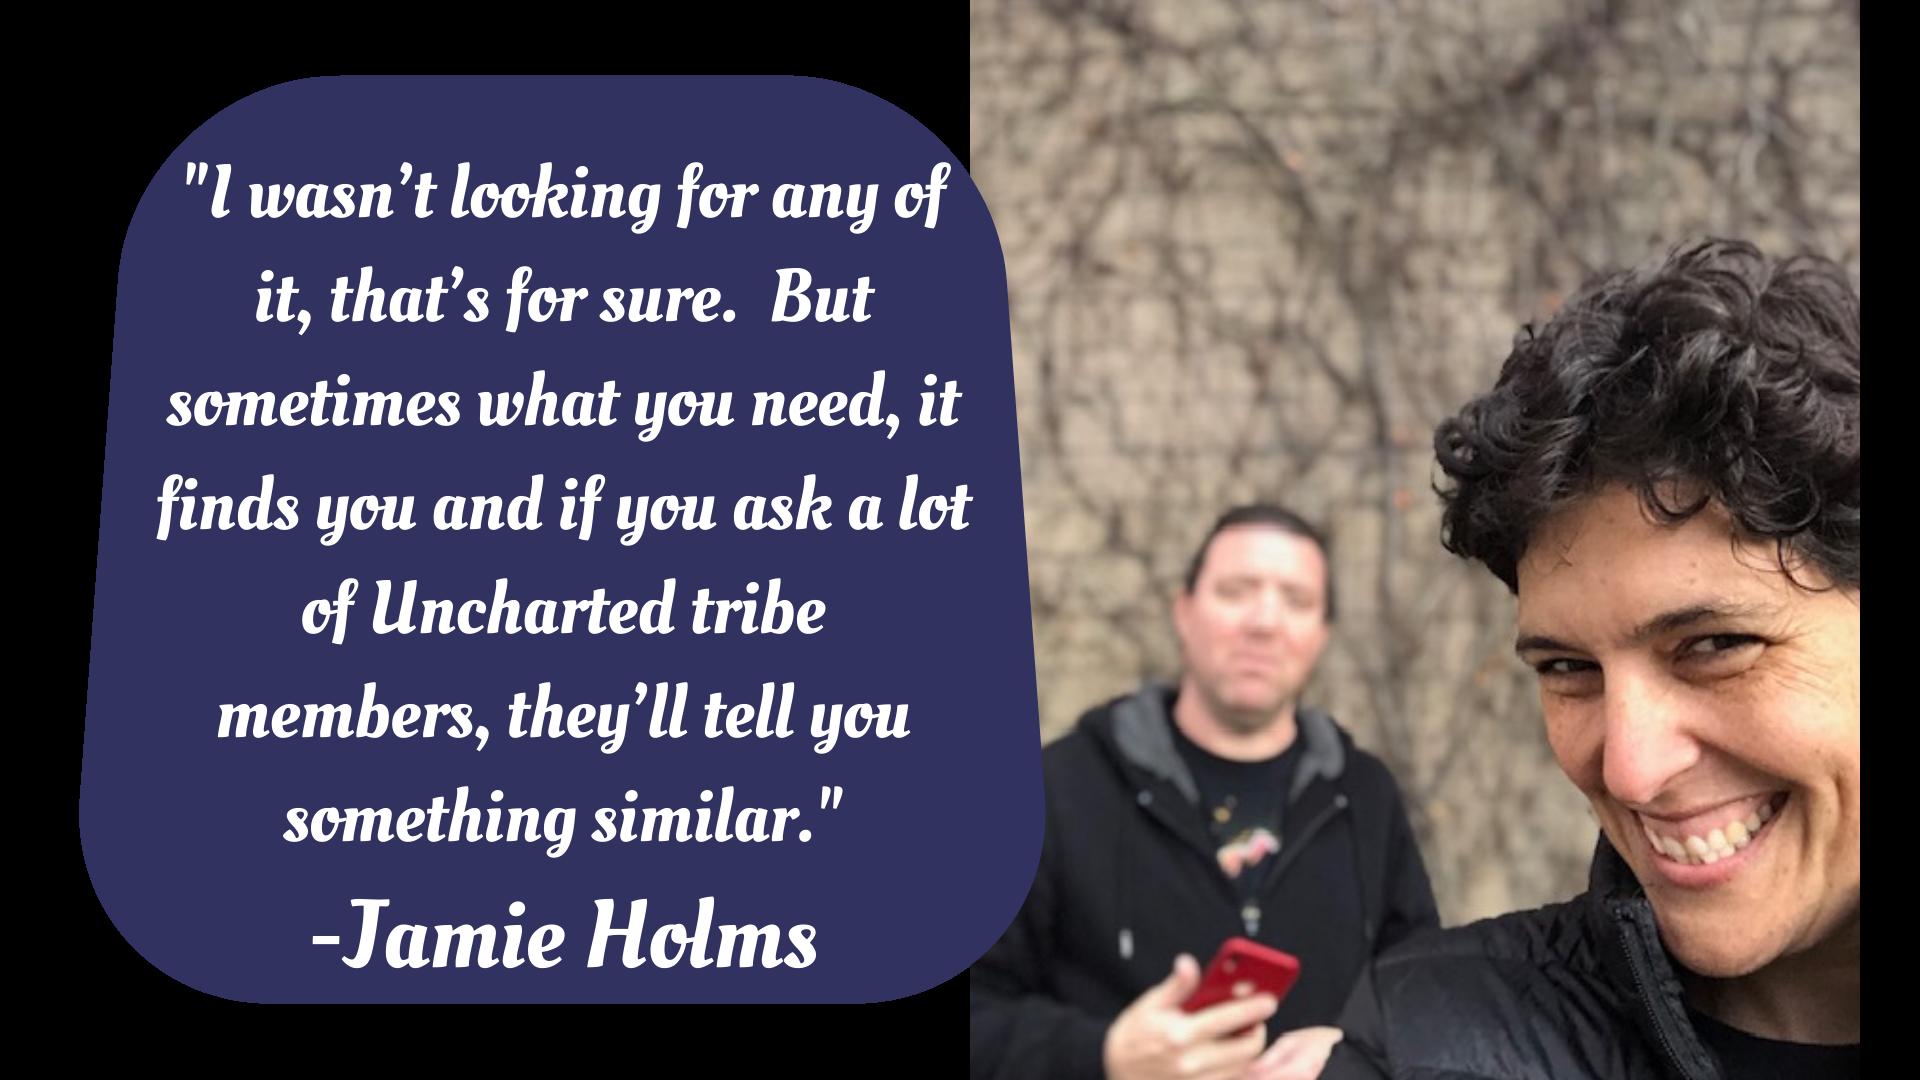 Jamie Holms